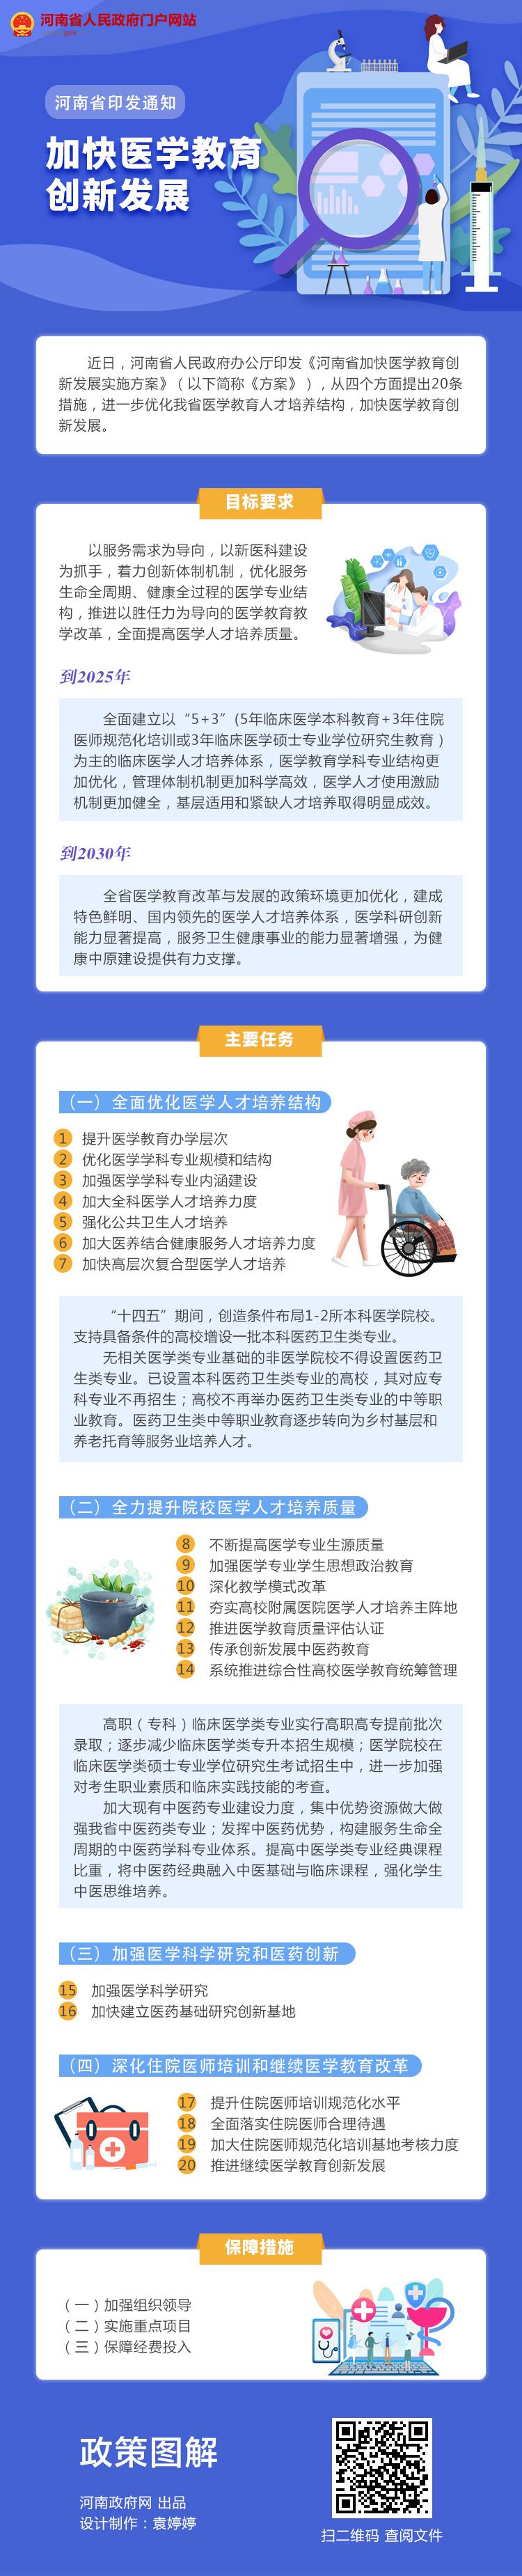 图解:河南省印发通知 加快医学教育创新发展